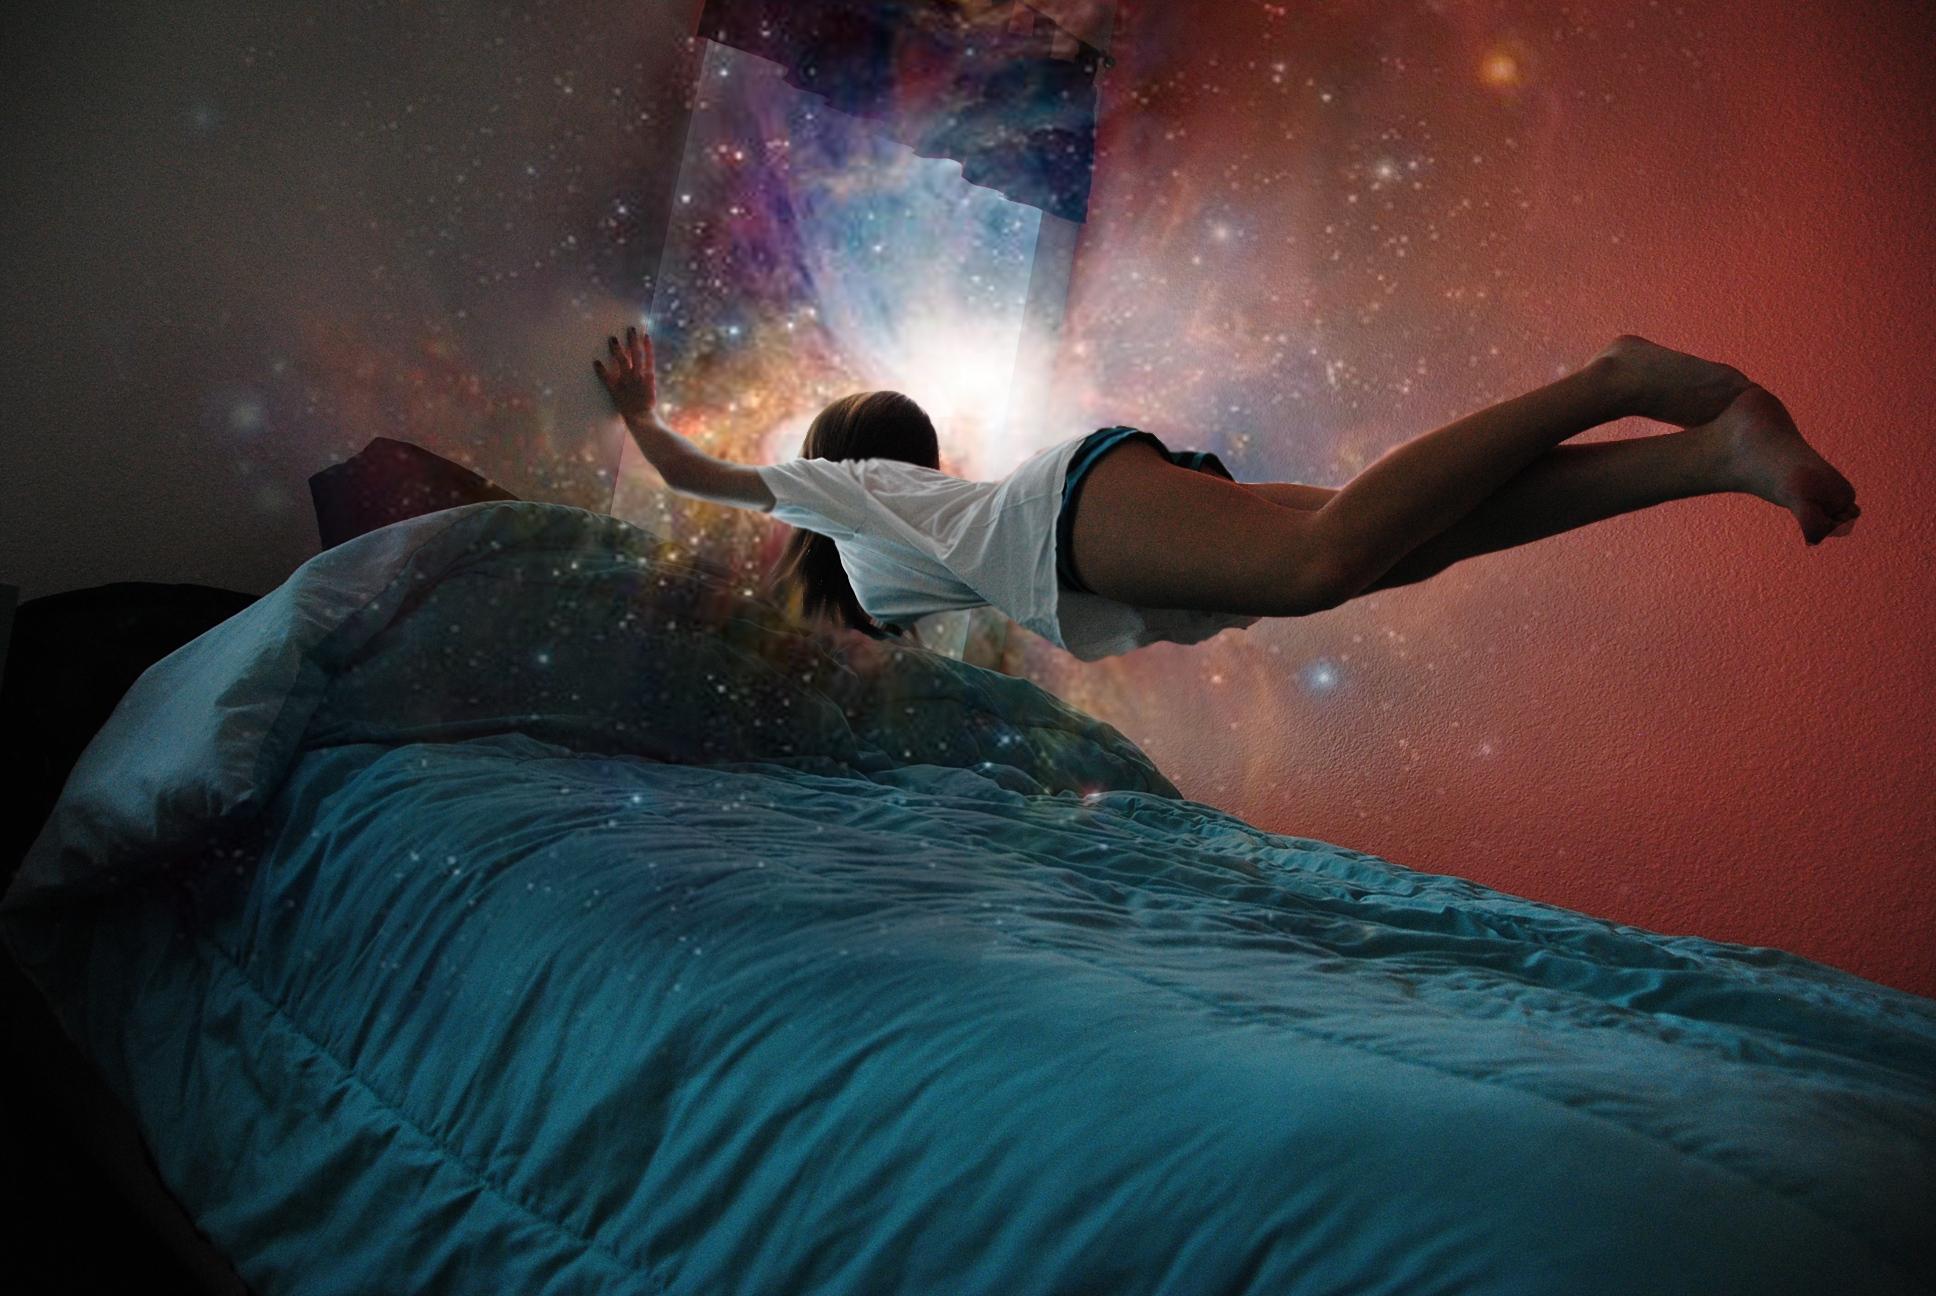 Соло в астральное тело 3 5 фотография